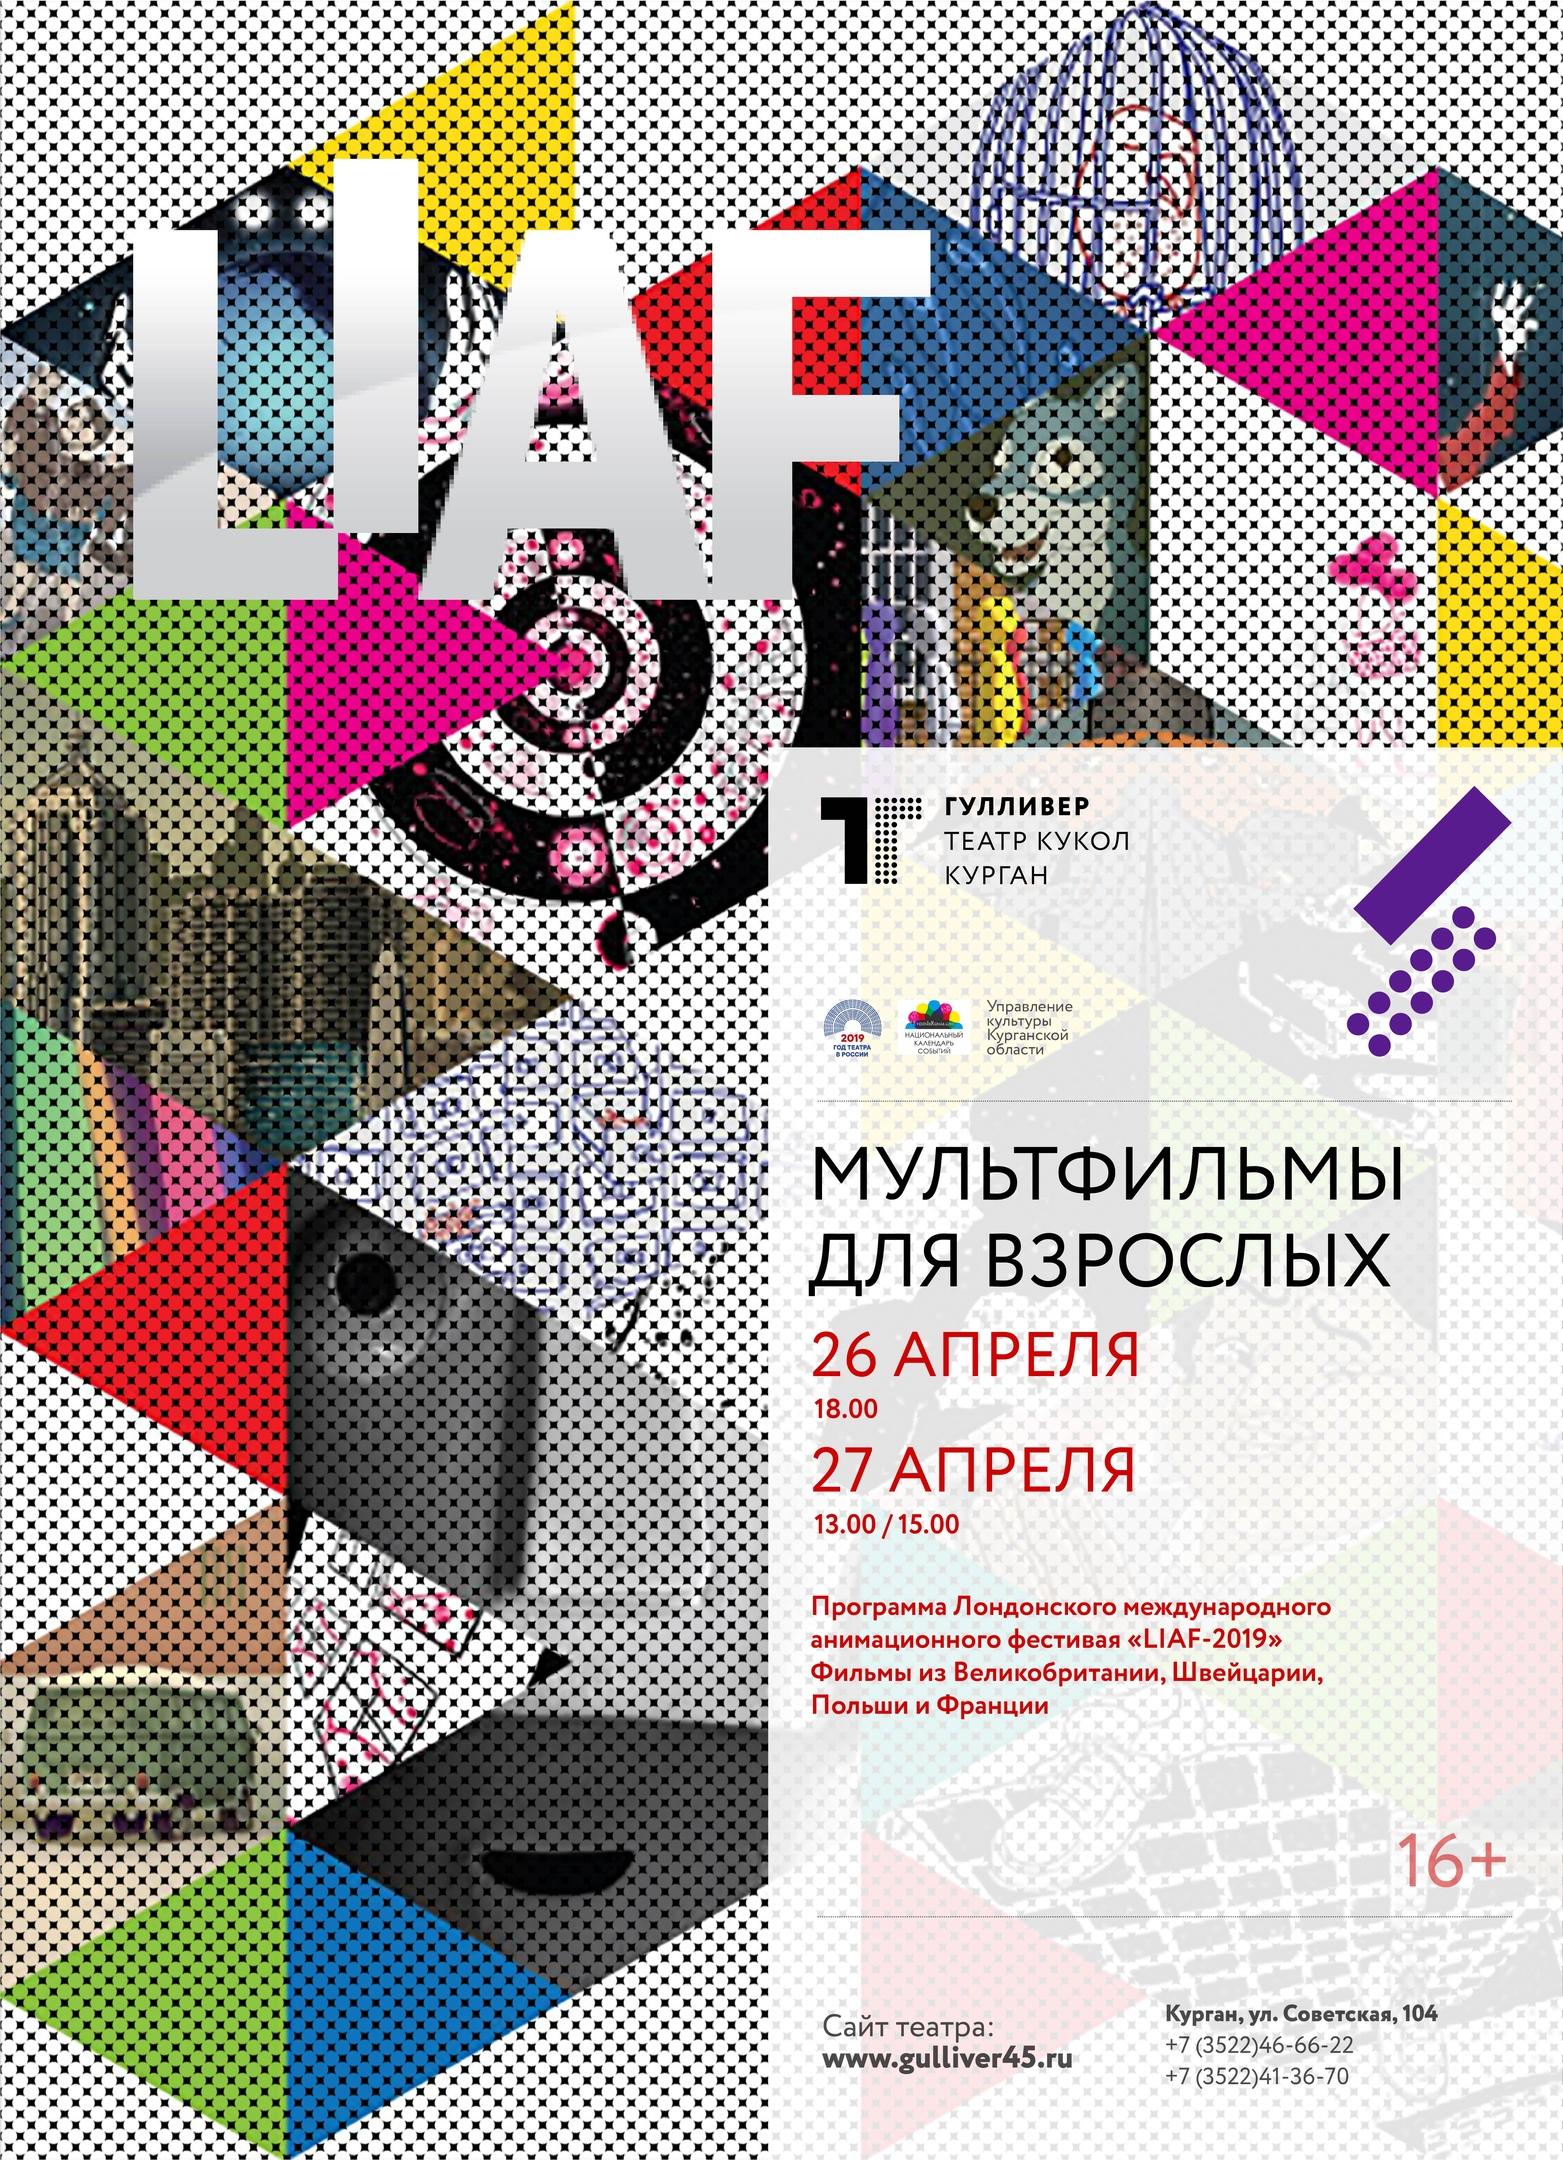 Театр кукол Гулливер Лондонский международный анимационный фестиваль «LIAF-2019» курган афиша расписание